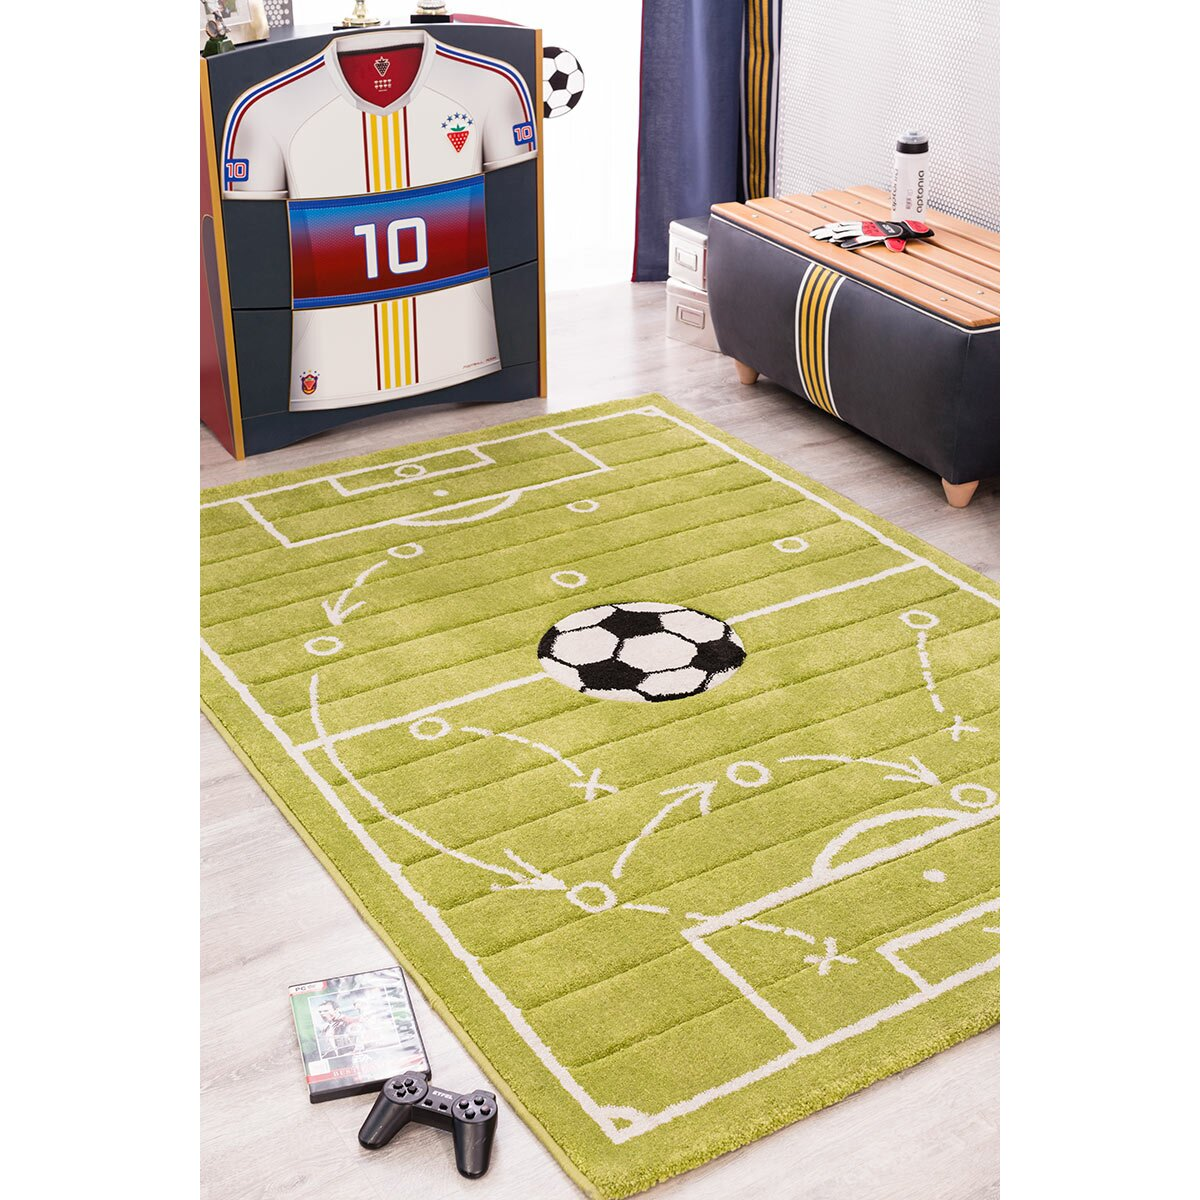 Cilek Soccer Grass Green Area Rug & Reviews